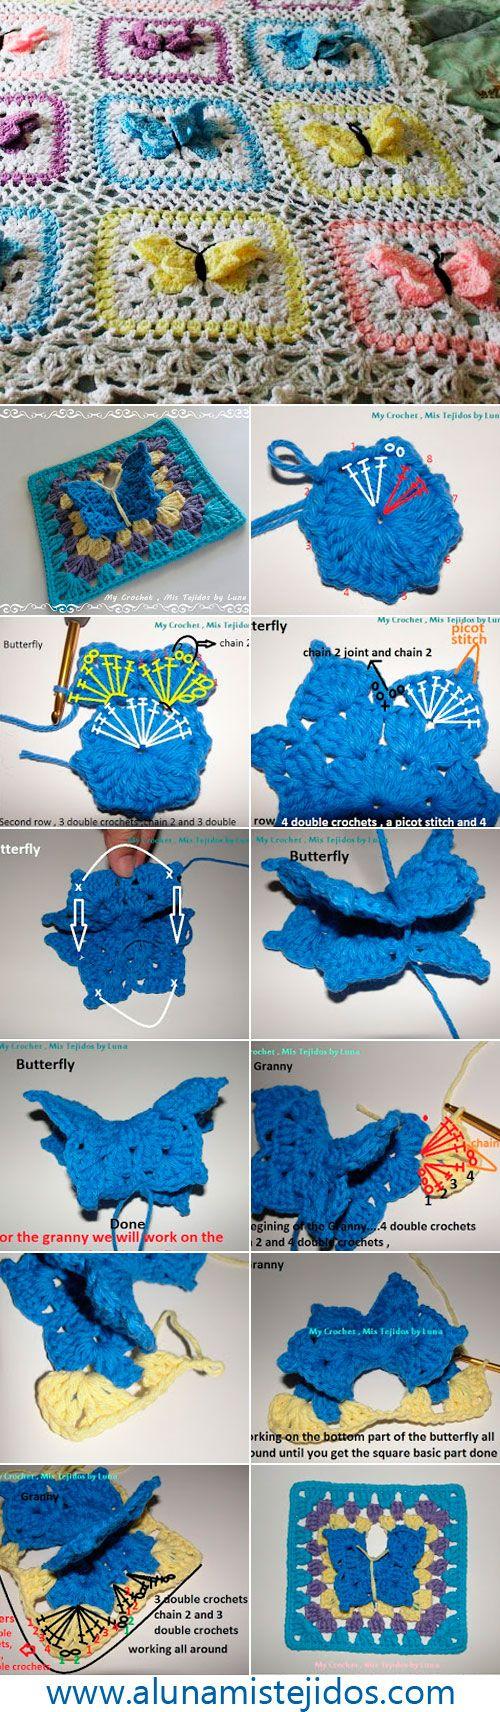 Crochet Butterflies Pattern Lots Of Great Ideas | The WHOot